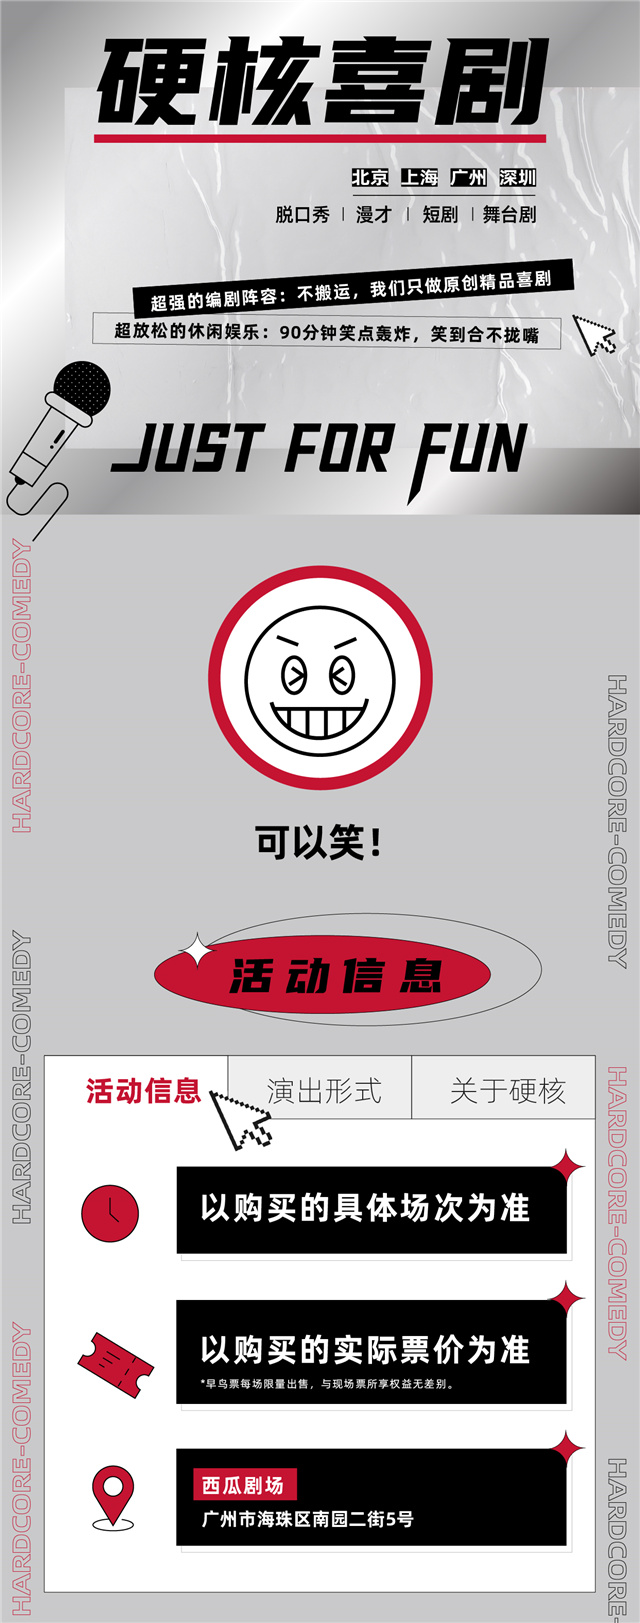 1广州西瓜剧场.jpg